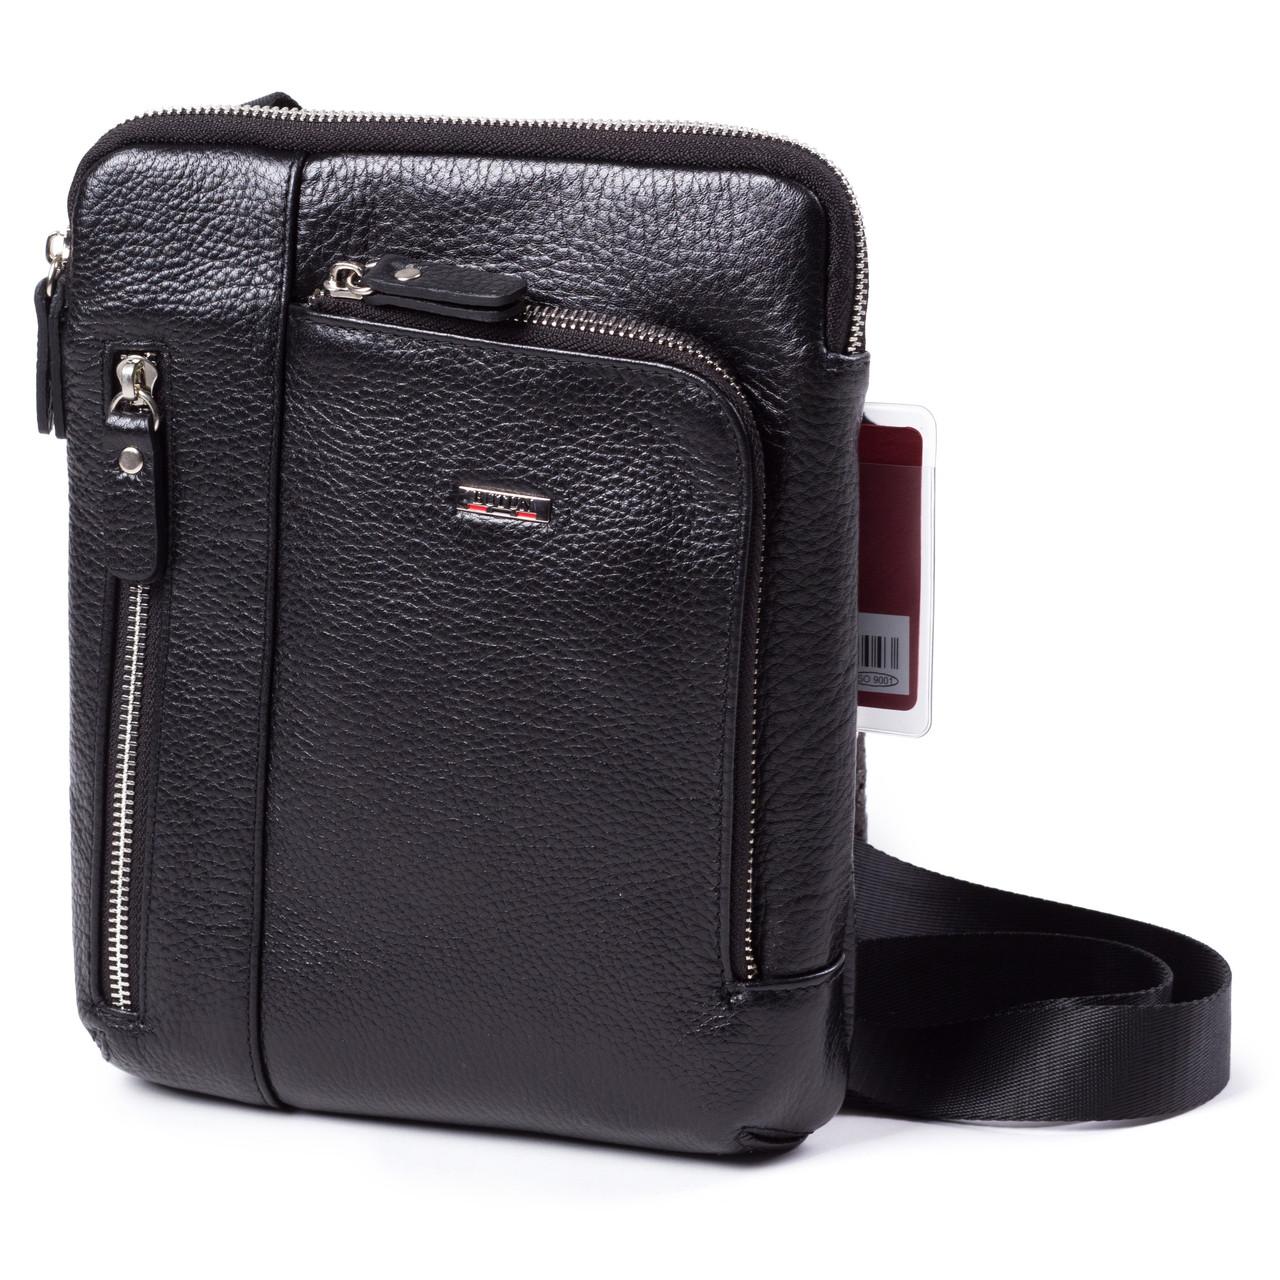 Чоловіча сумка шкіряна чорна BUTUN 3101-004-001